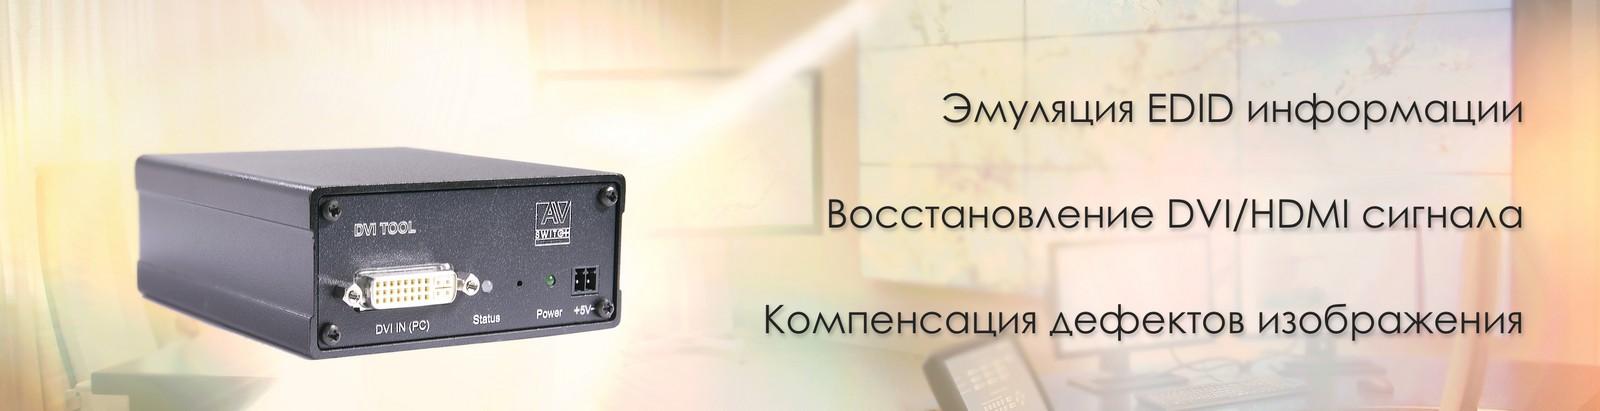 Усилитель-распределитель AV Production DVI-SPD 1x4